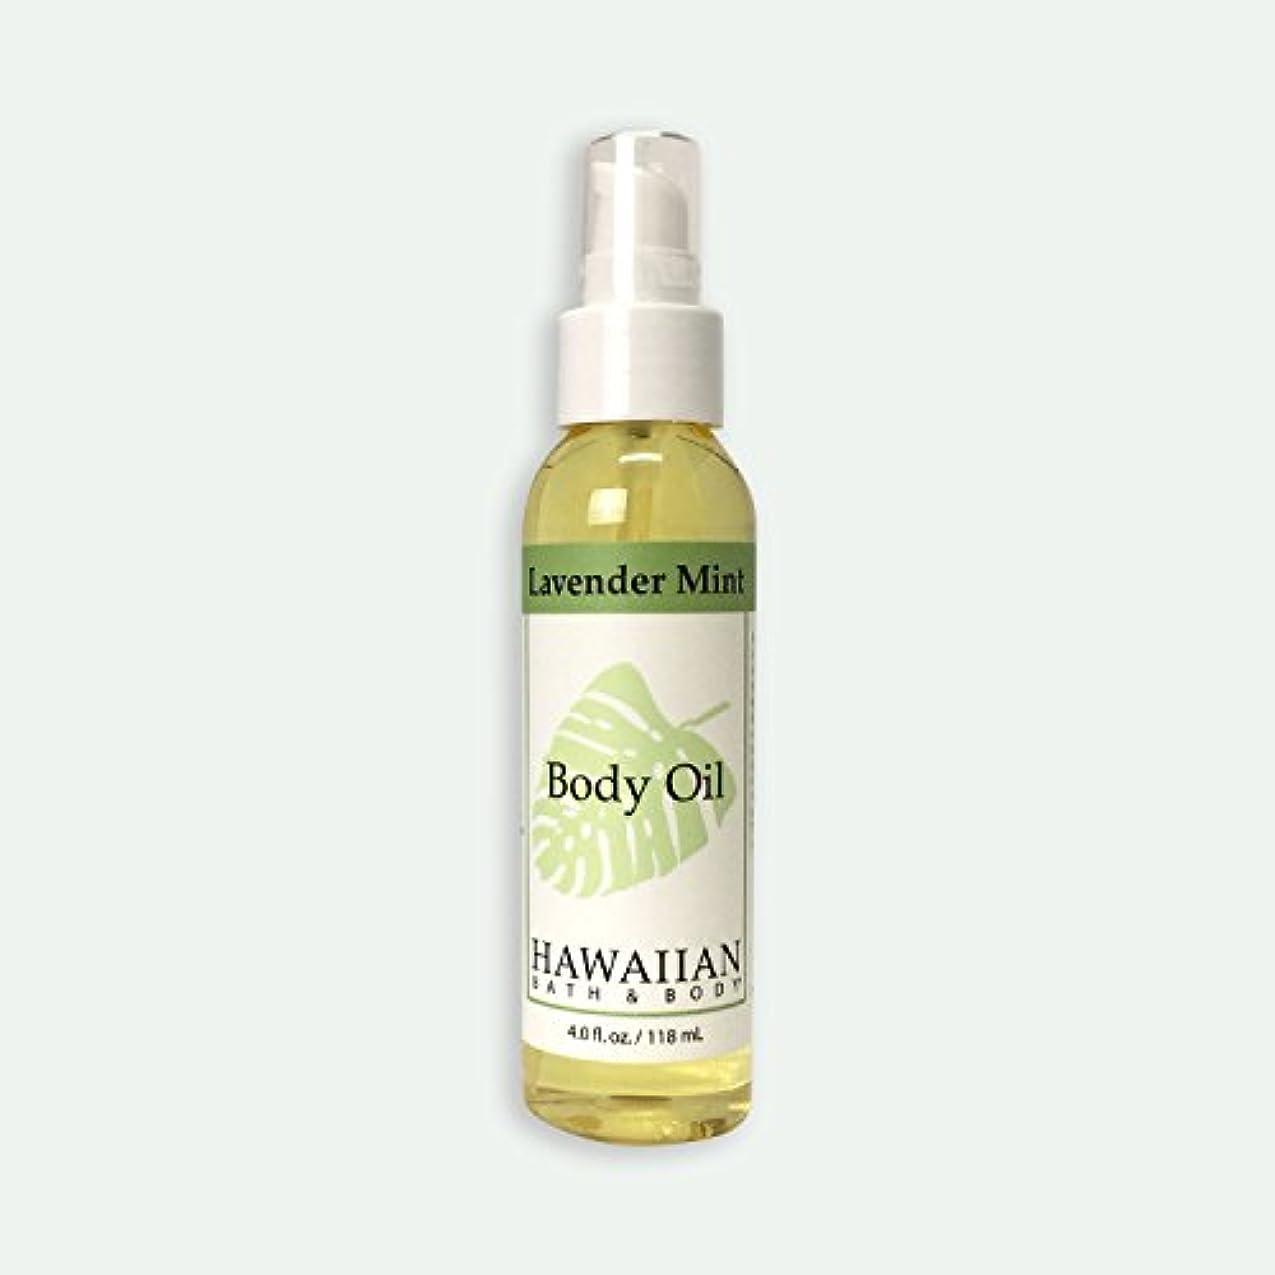 再発する回想探すハワイアンバス&ボディ ラベンダーミント?ボディオイル 118ml Lavender Mint Body Oil